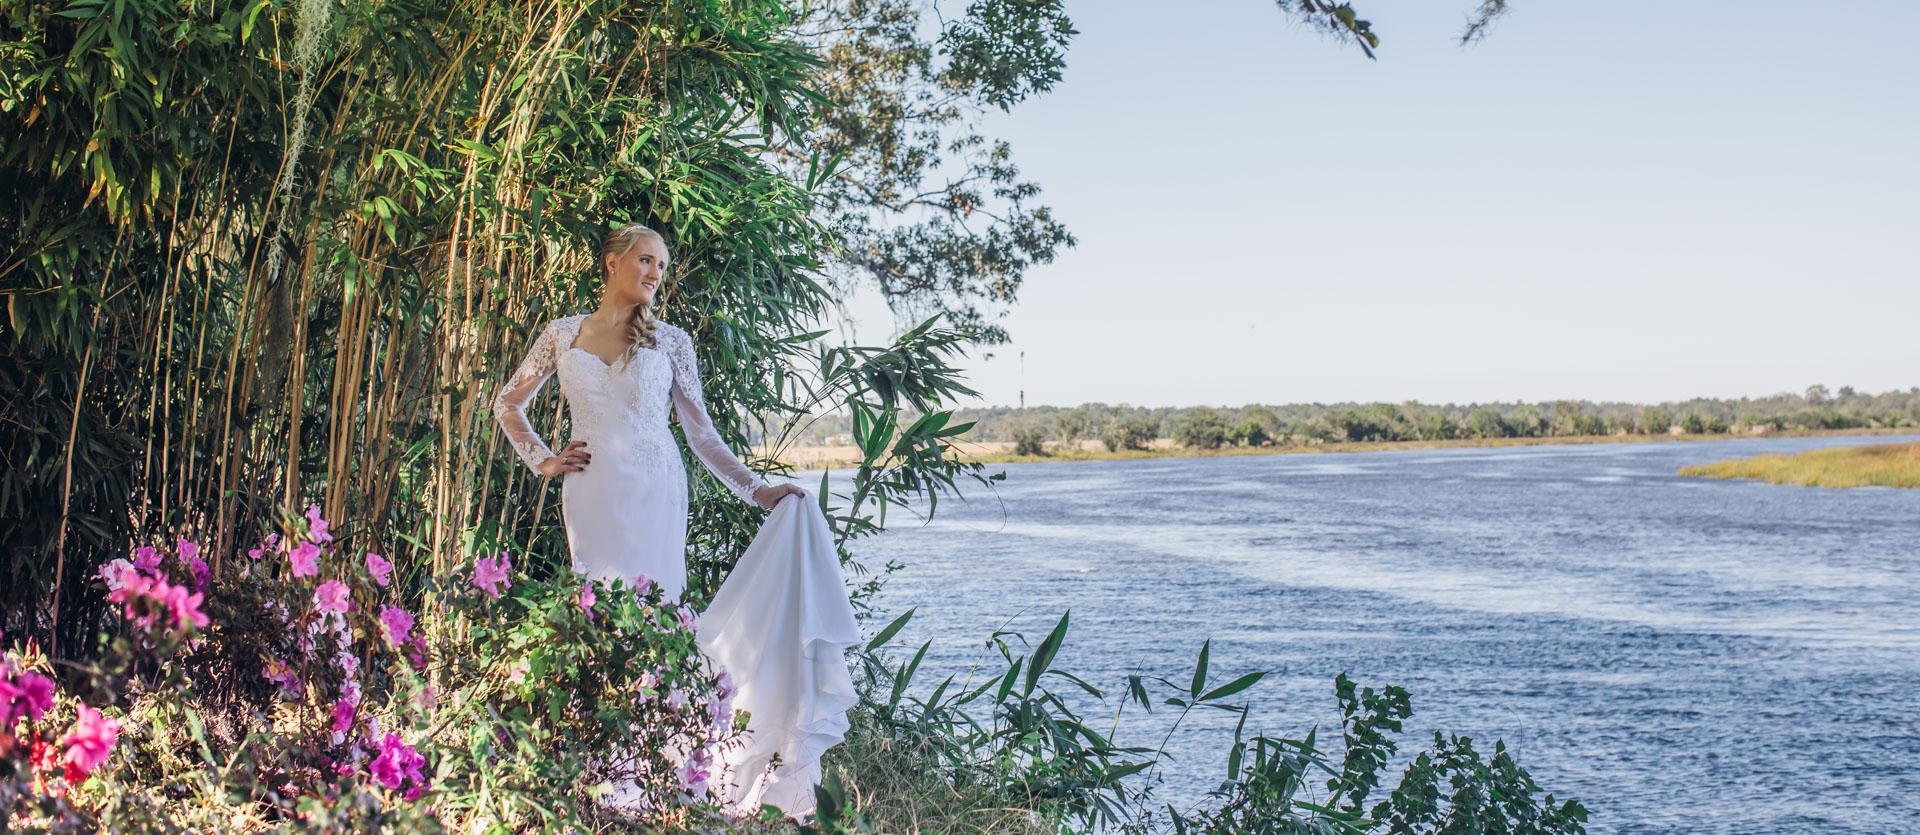 kirsten-the-bride